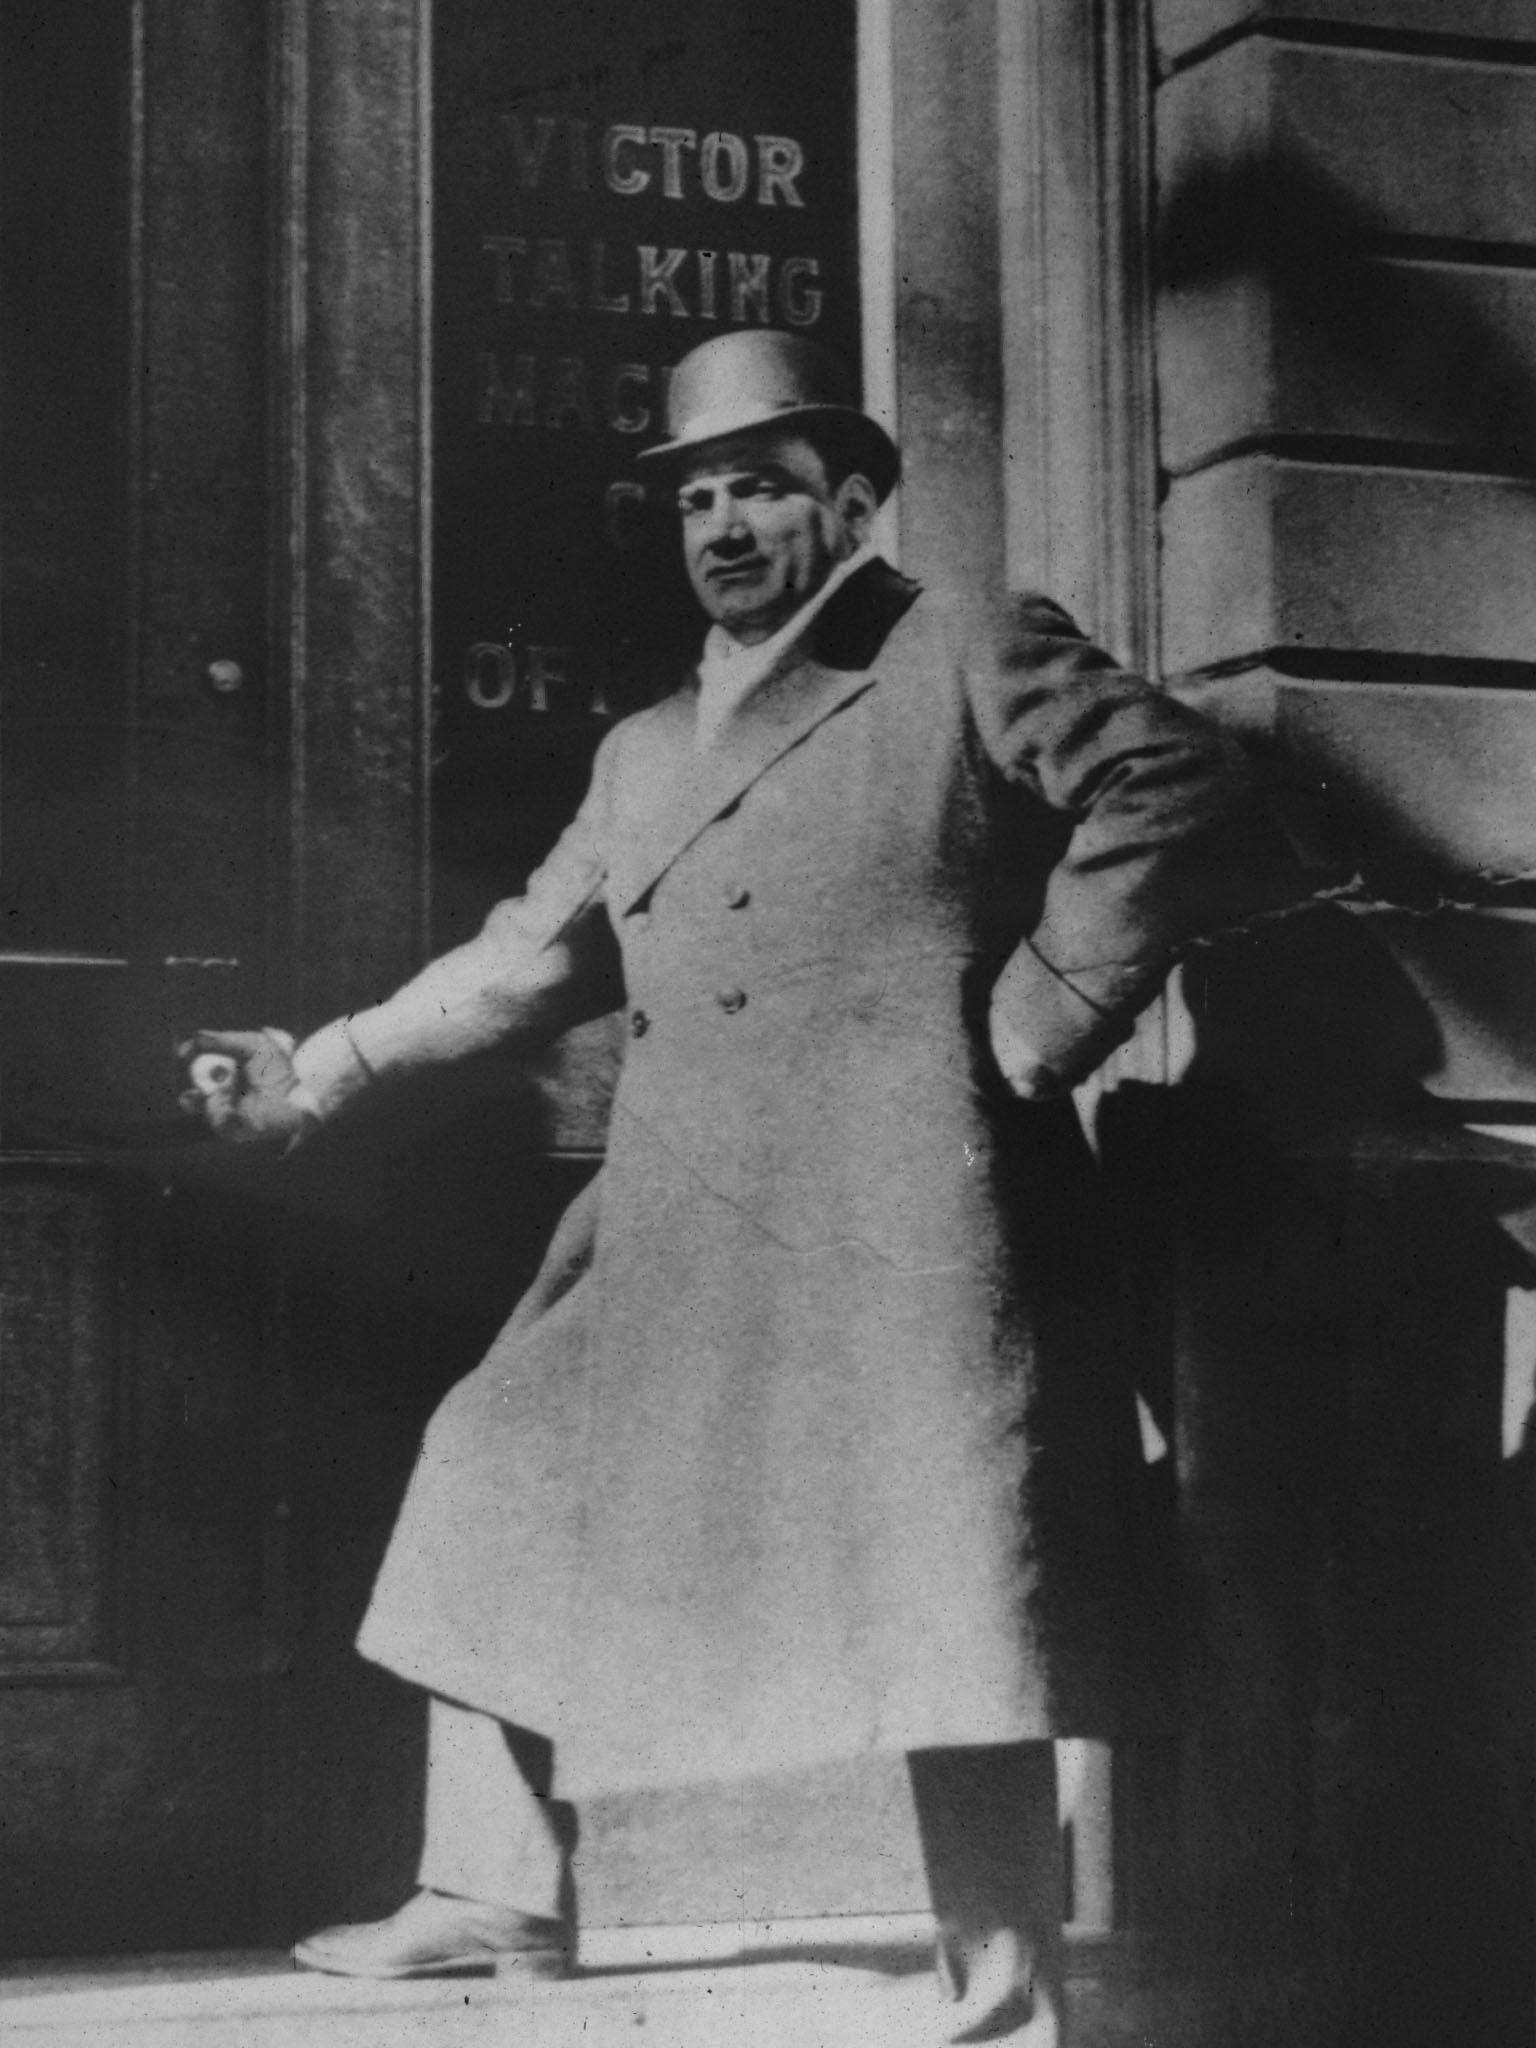 Enrico Caruso outside Building 15